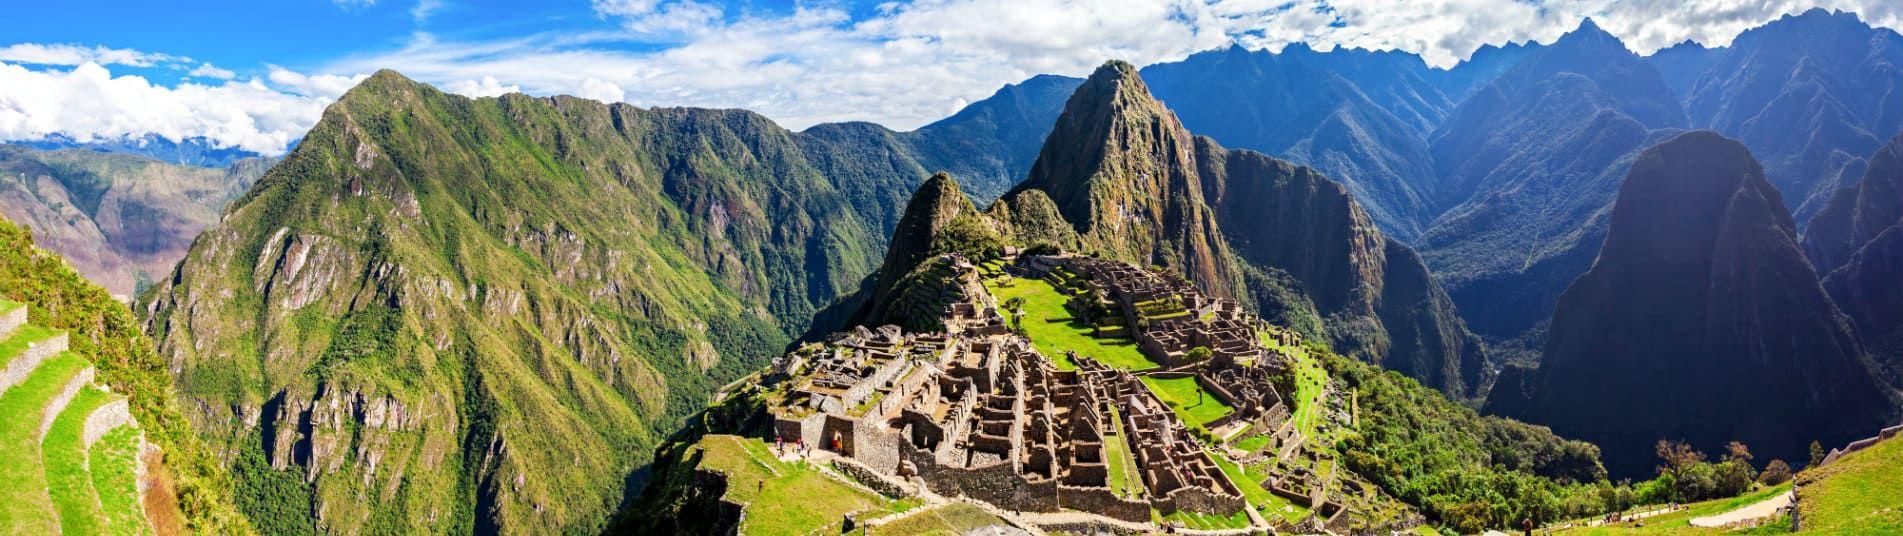 Machu Picchu au Pérou, Amérique du Sud